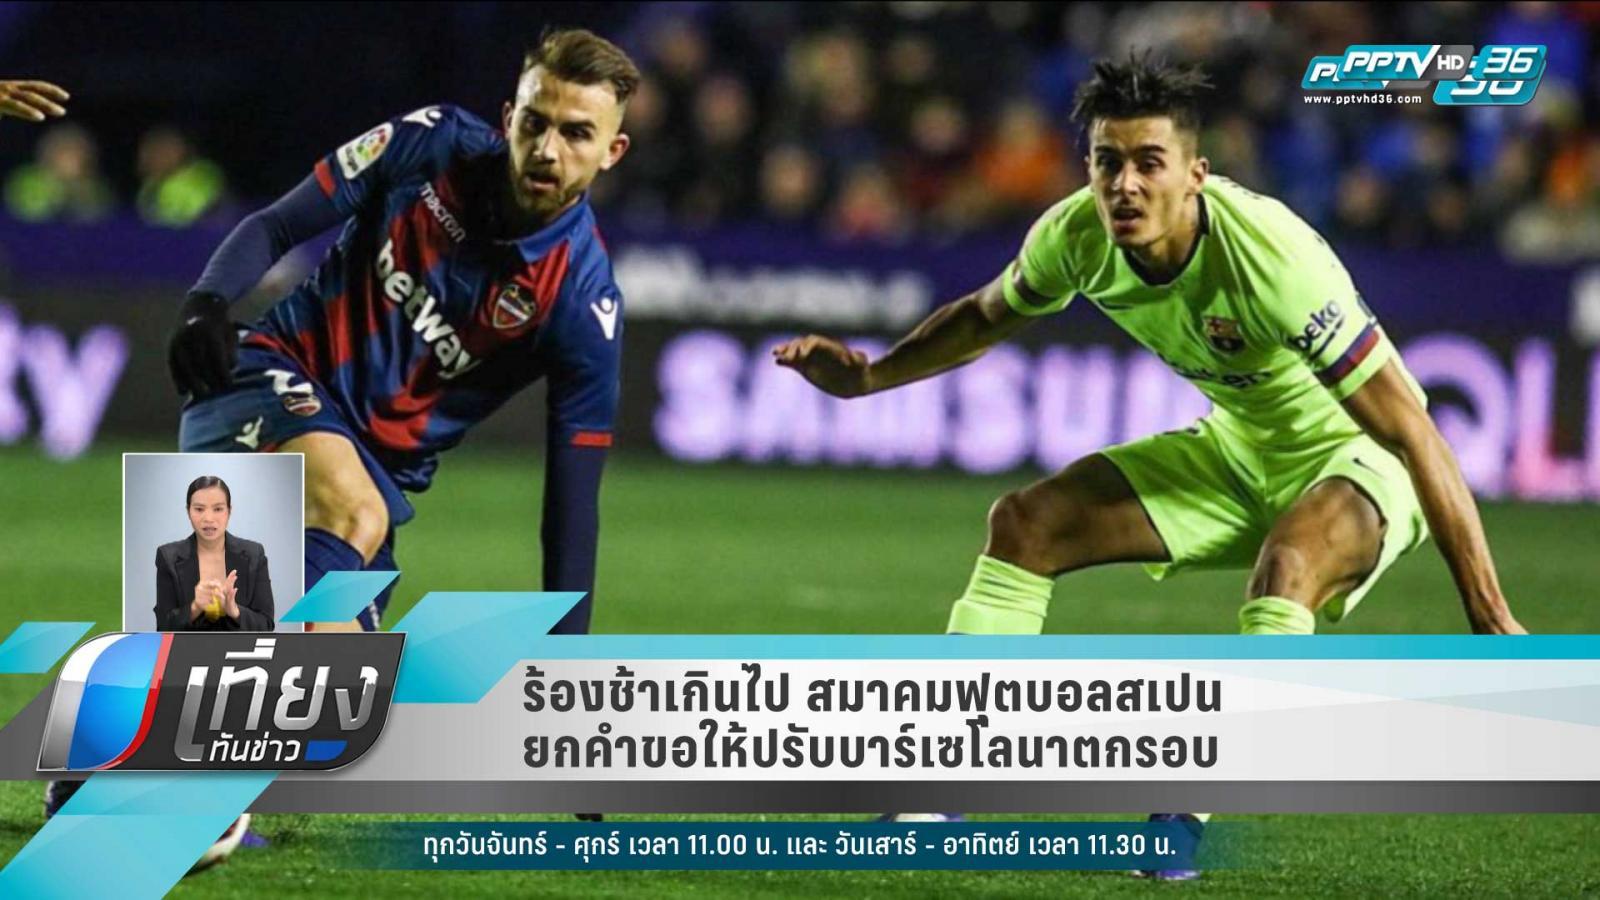 ร้องช้าเกินไป  สมาคมฟุตบอลสเปน ยกคำขอให้ปรับบาร์เซโลนาตกรอบ